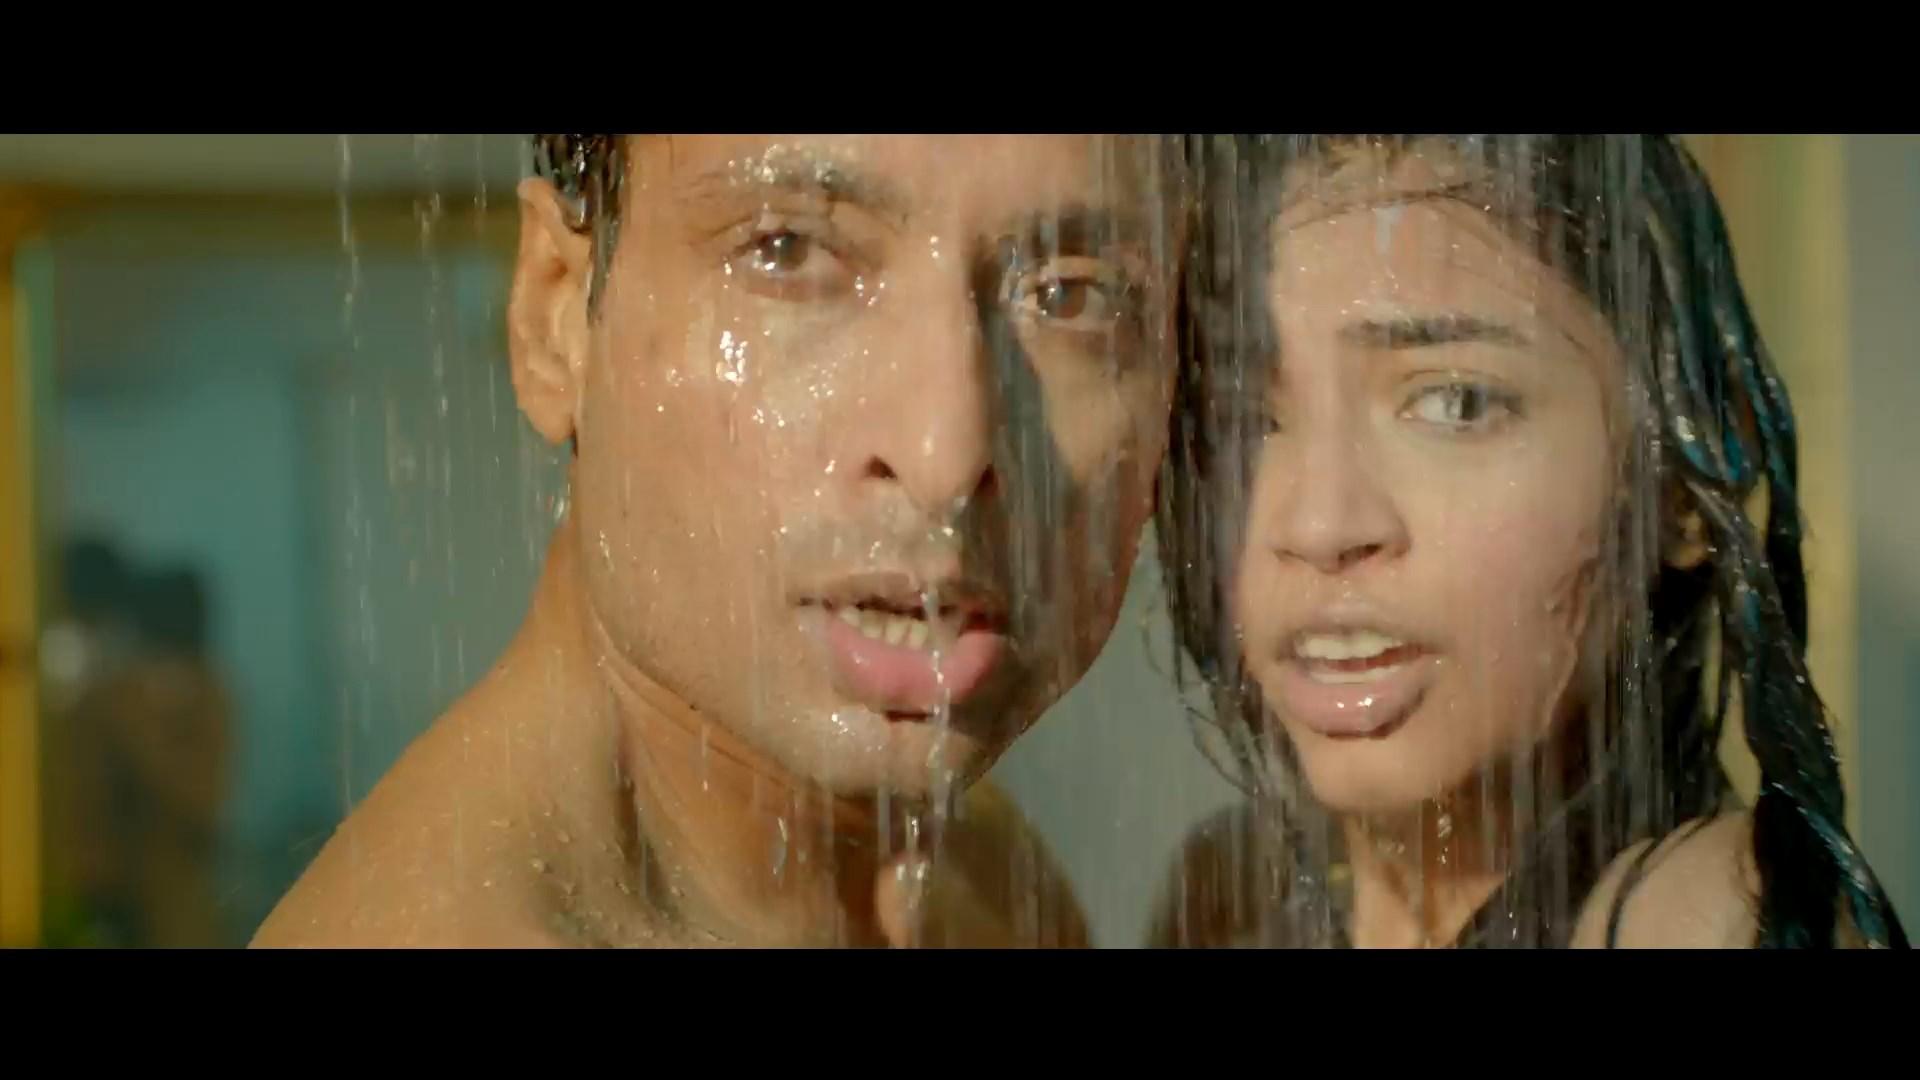 Aschhe Abar Shabor [2018] [Bengali Movie] [x264 1080p Untouched Web DL] [Esub].mkv snapshot 00.05.15